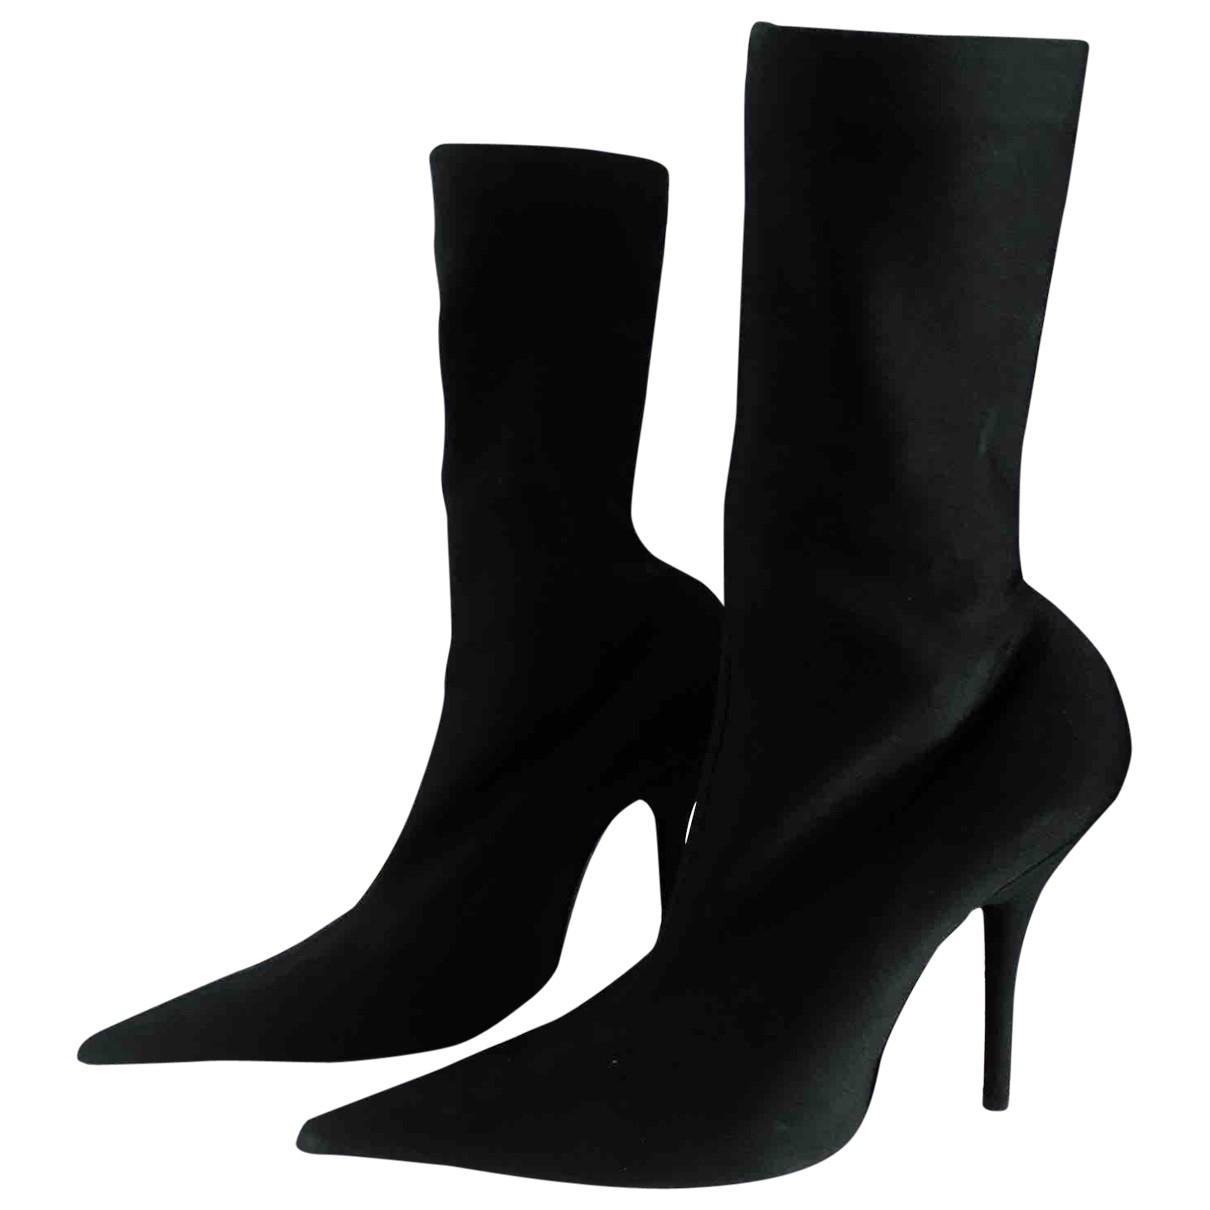 Balenciaga Knife Black Cloth Boots for Women 38 EU